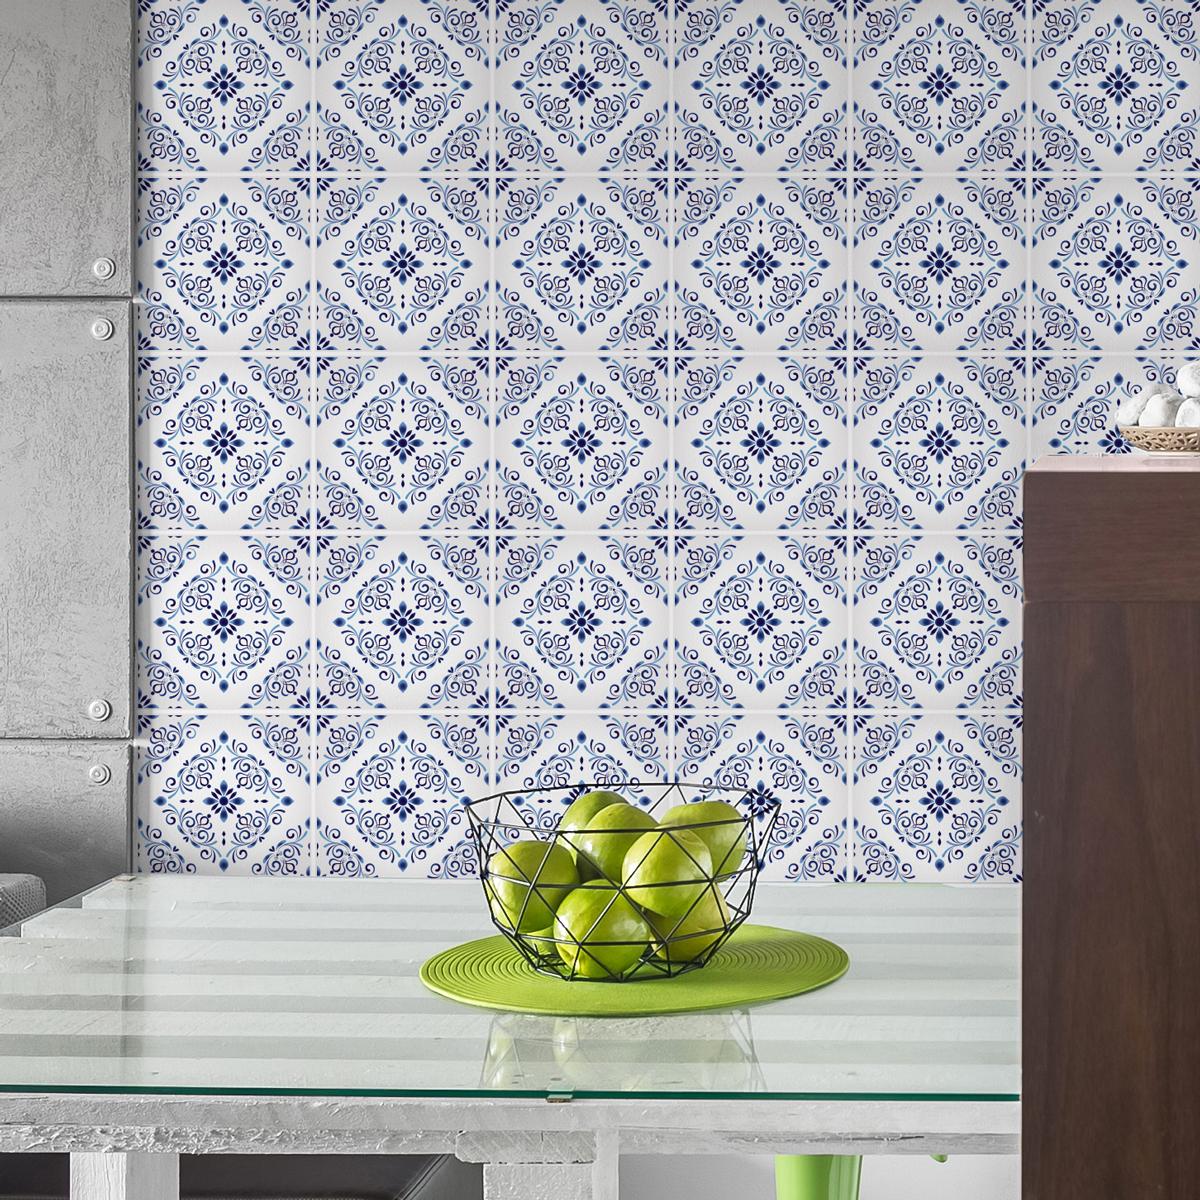 30 stickers carreaux de ciment delft d sseldorf cuisine carrelages ambiance sticker. Black Bedroom Furniture Sets. Home Design Ideas